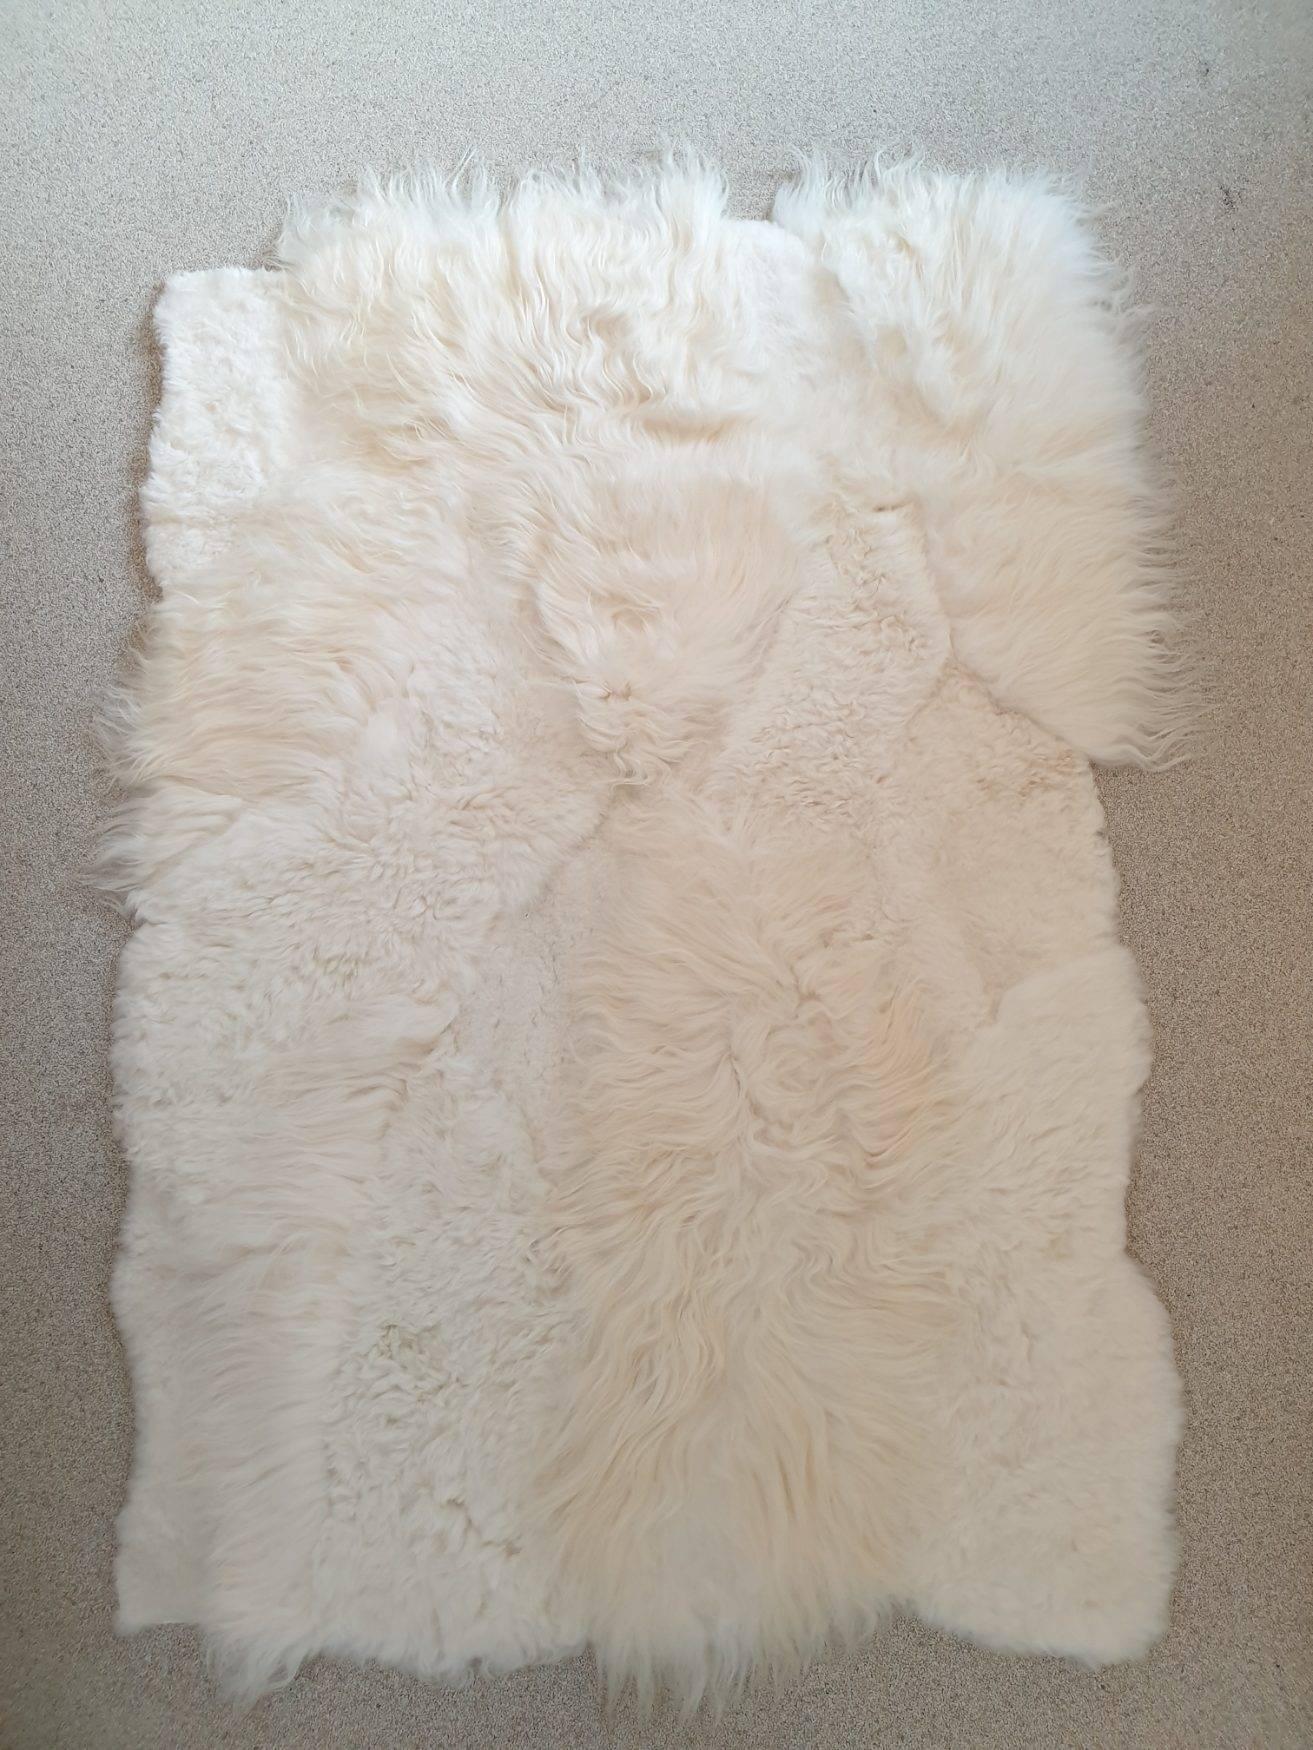 2 schapenvacht patchwork tapijt wit